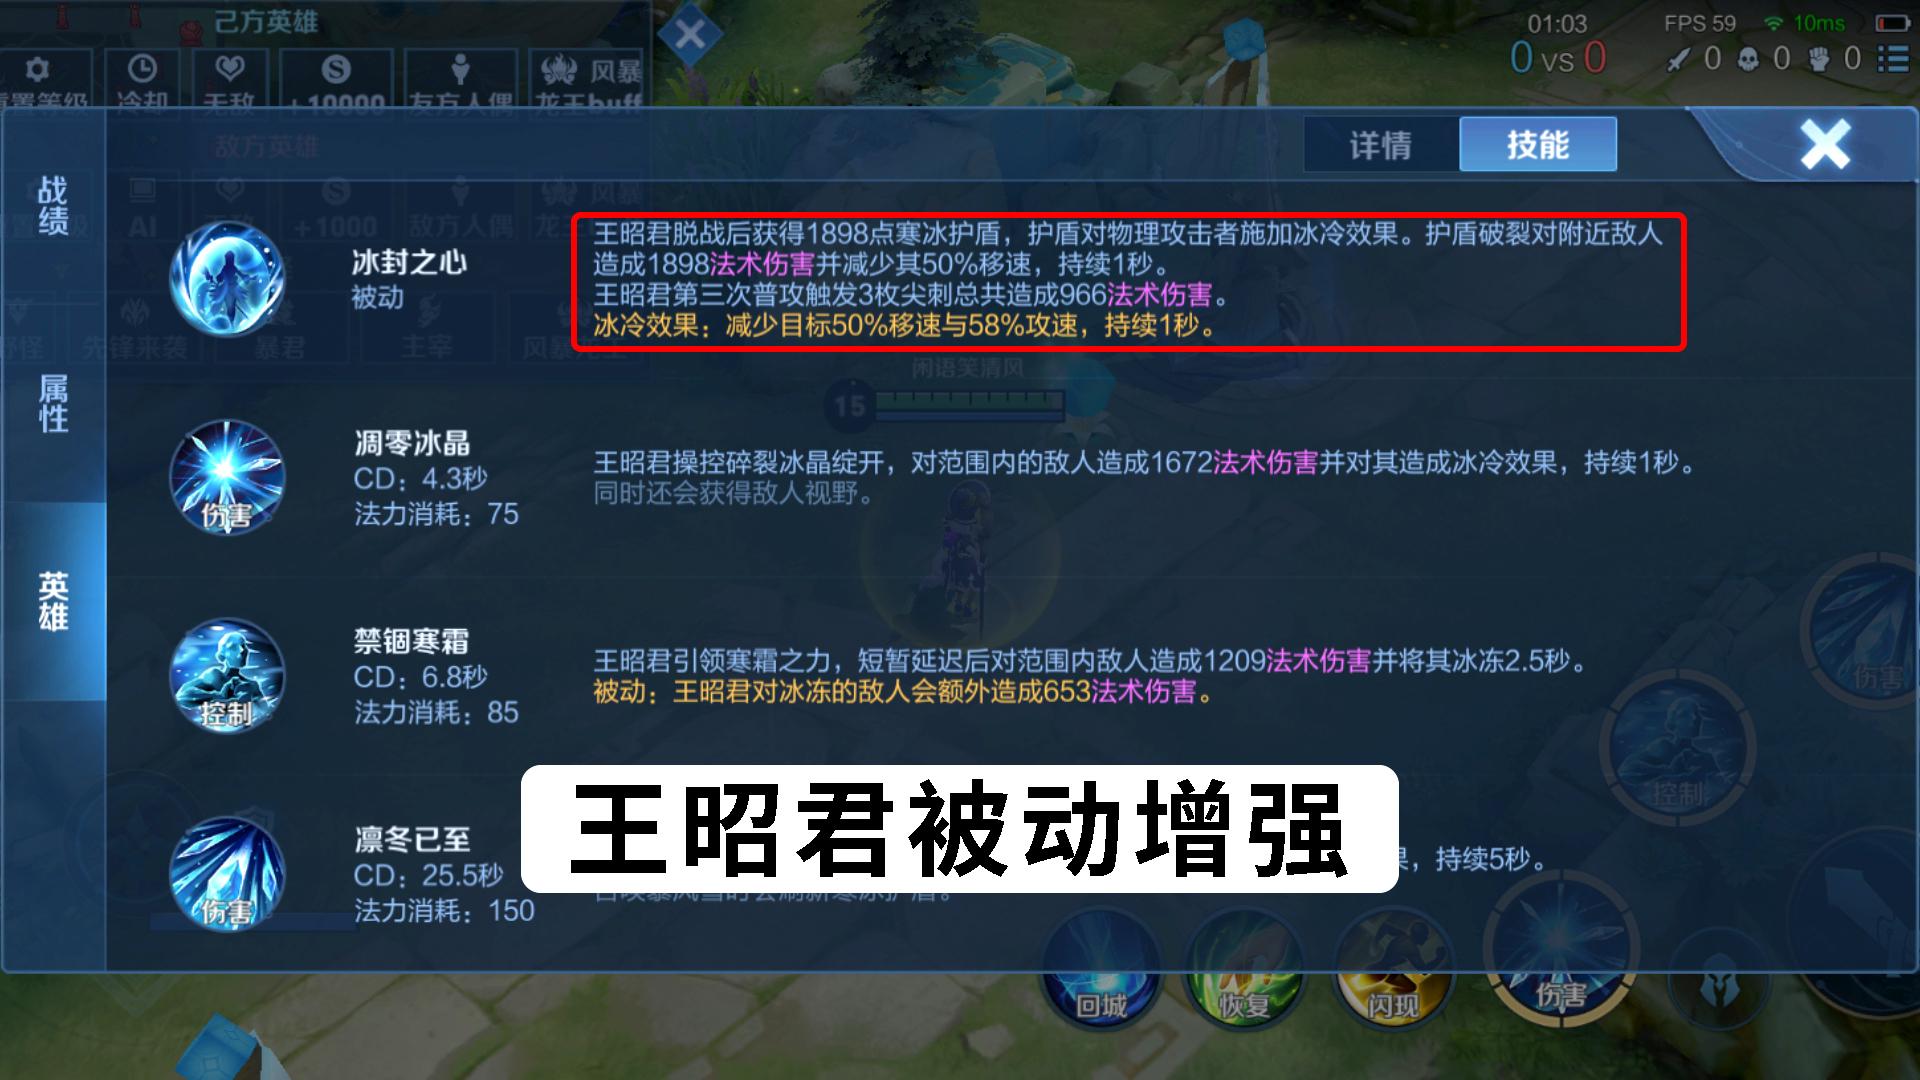 王者23号英雄调整:李白终于增强,马可、盾山惨遭削弱